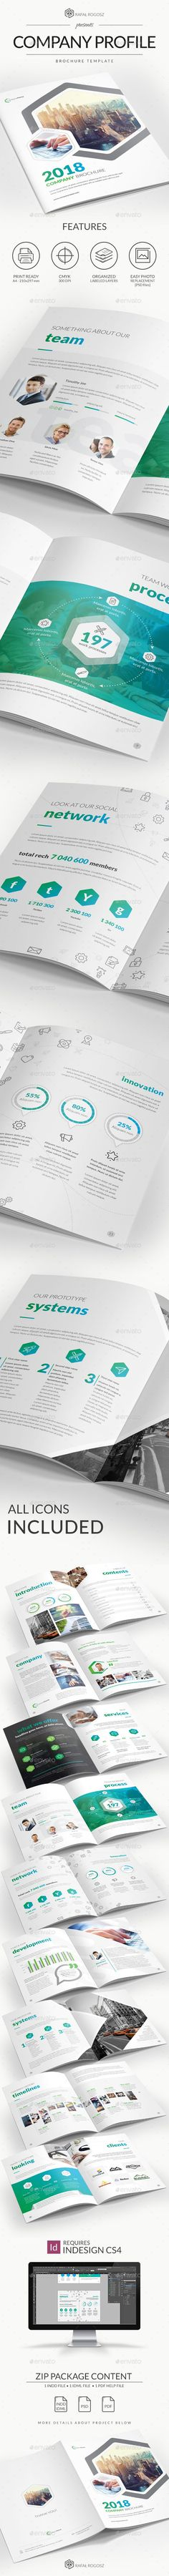 Corporate Brochure 2018 A4